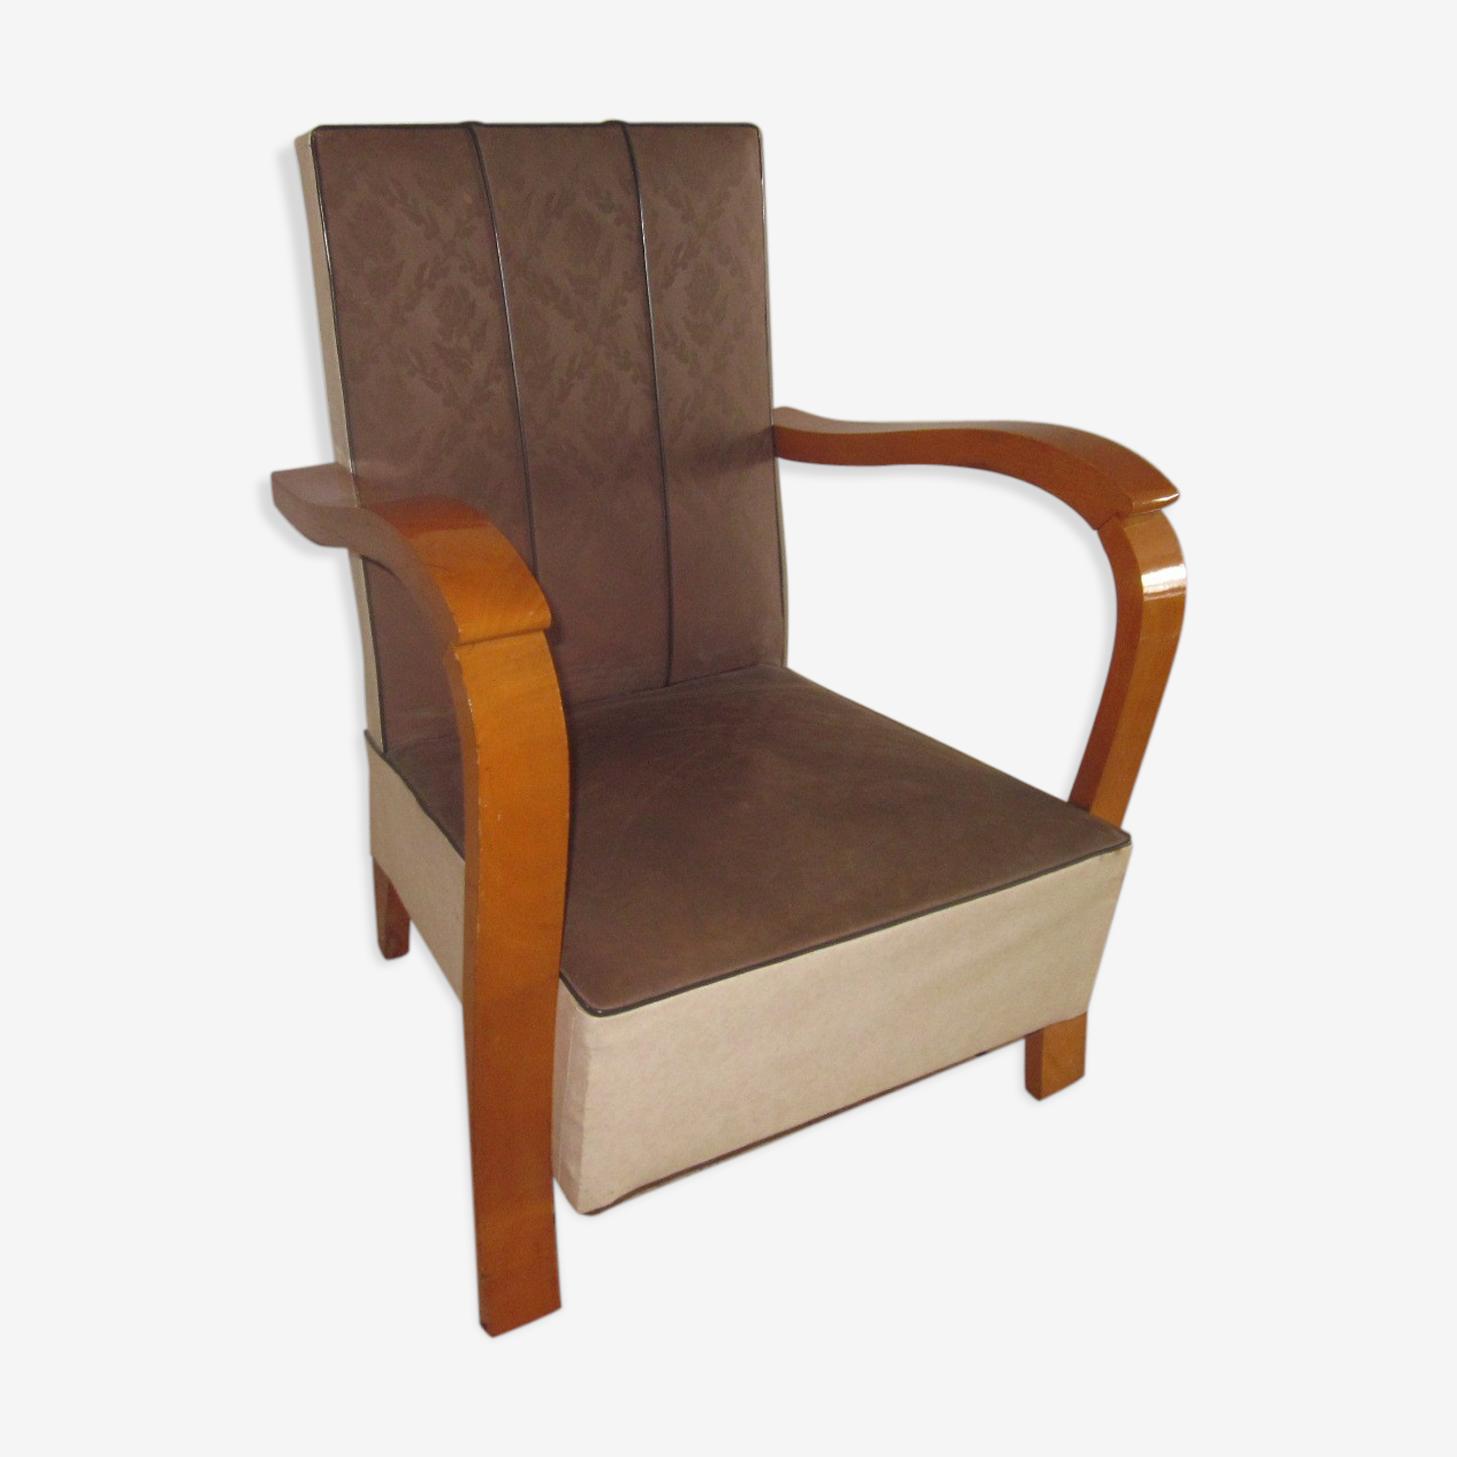 fauteuil enfant en skai des années 50